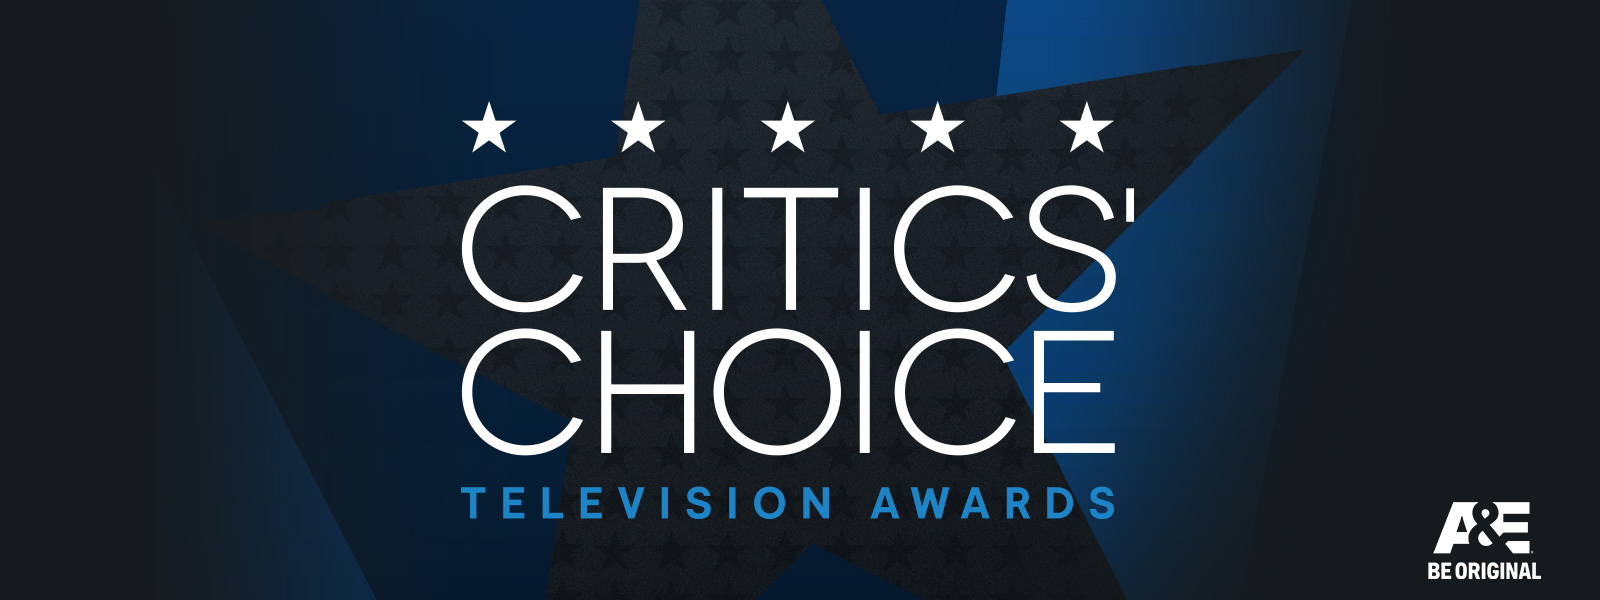 He aquí la lista de los orgullosos ganadores de los Critic's Choice Awards 2016